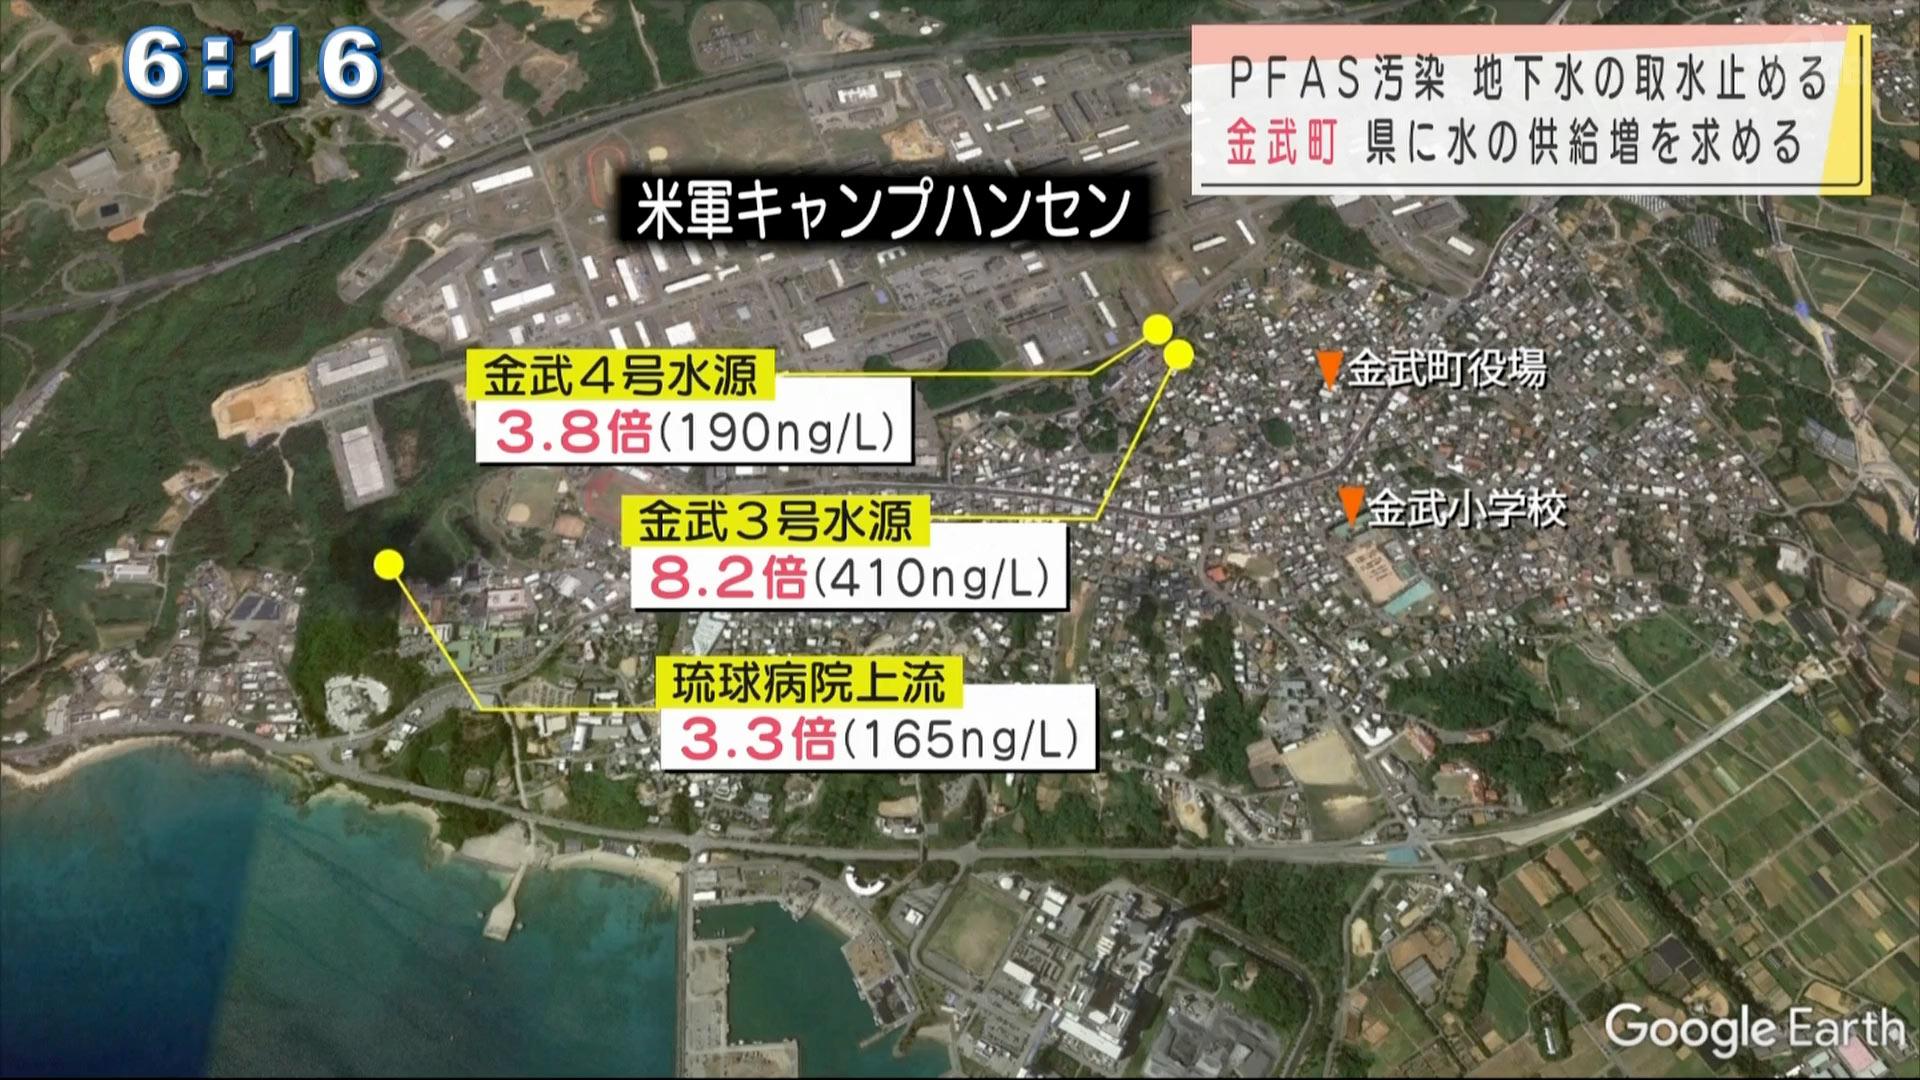 金武町PFAS検出で地下水取水停止